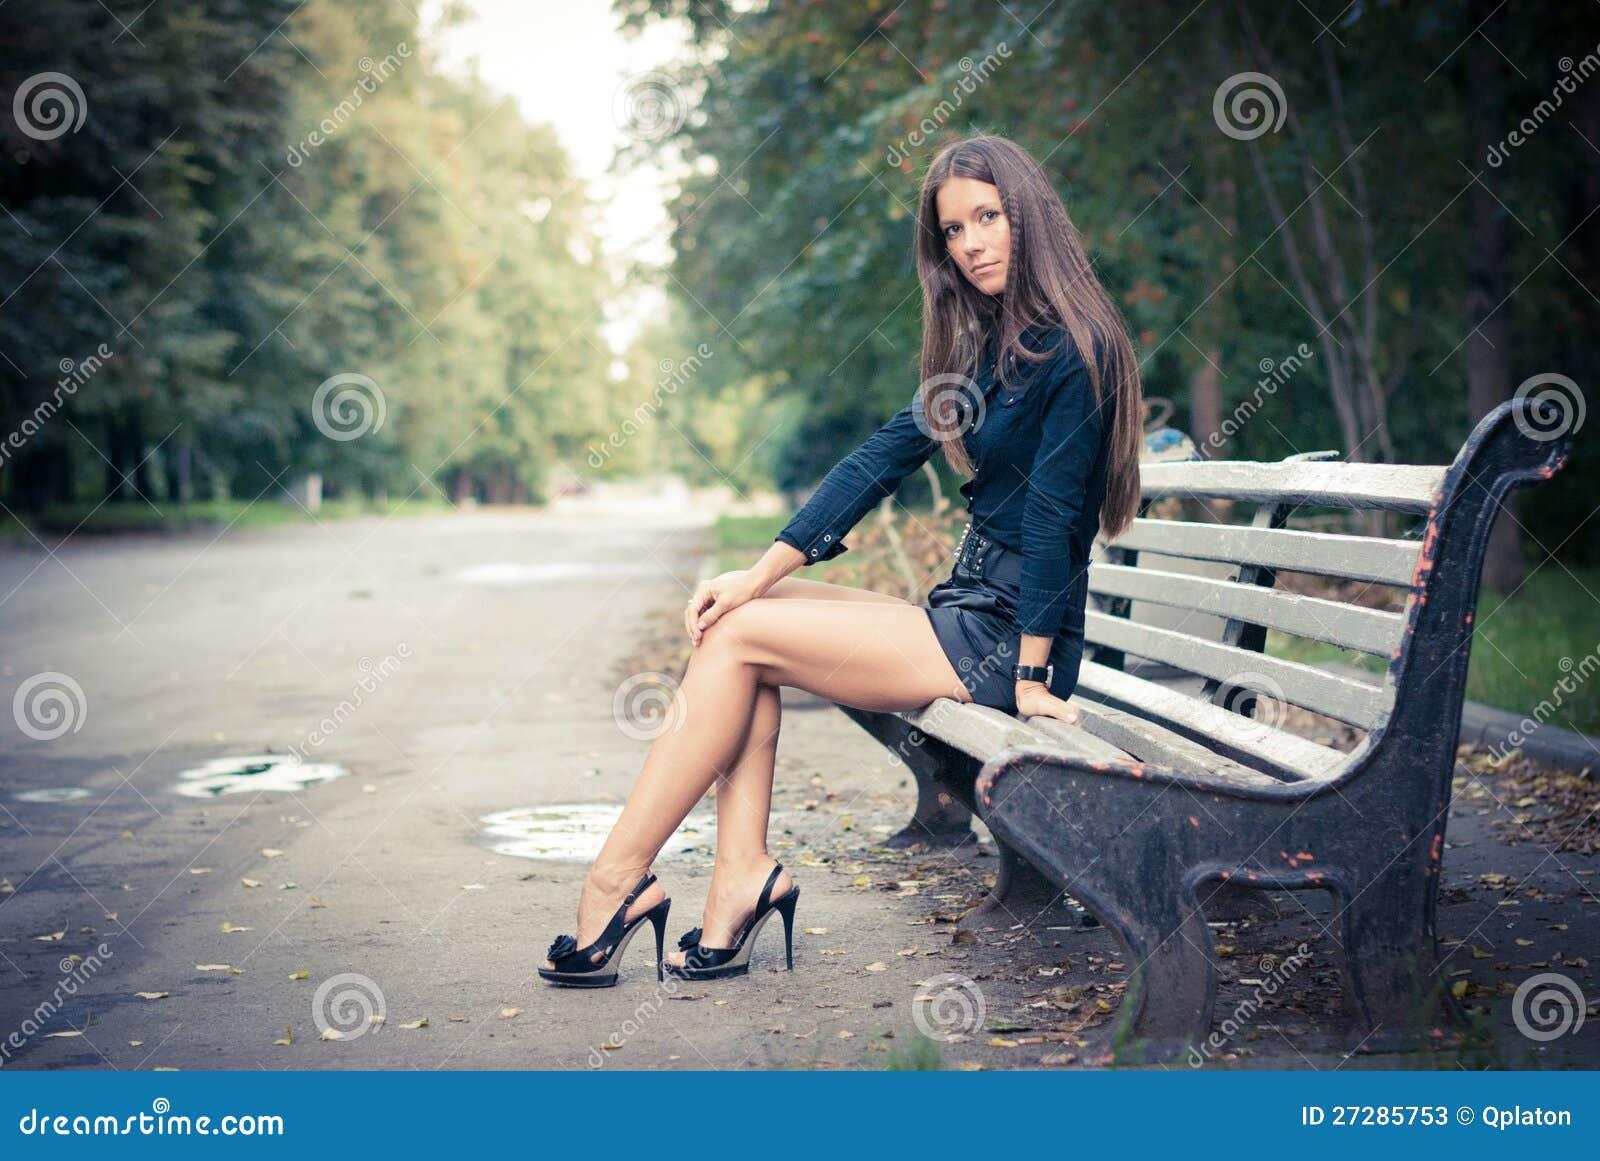 Flicka i park